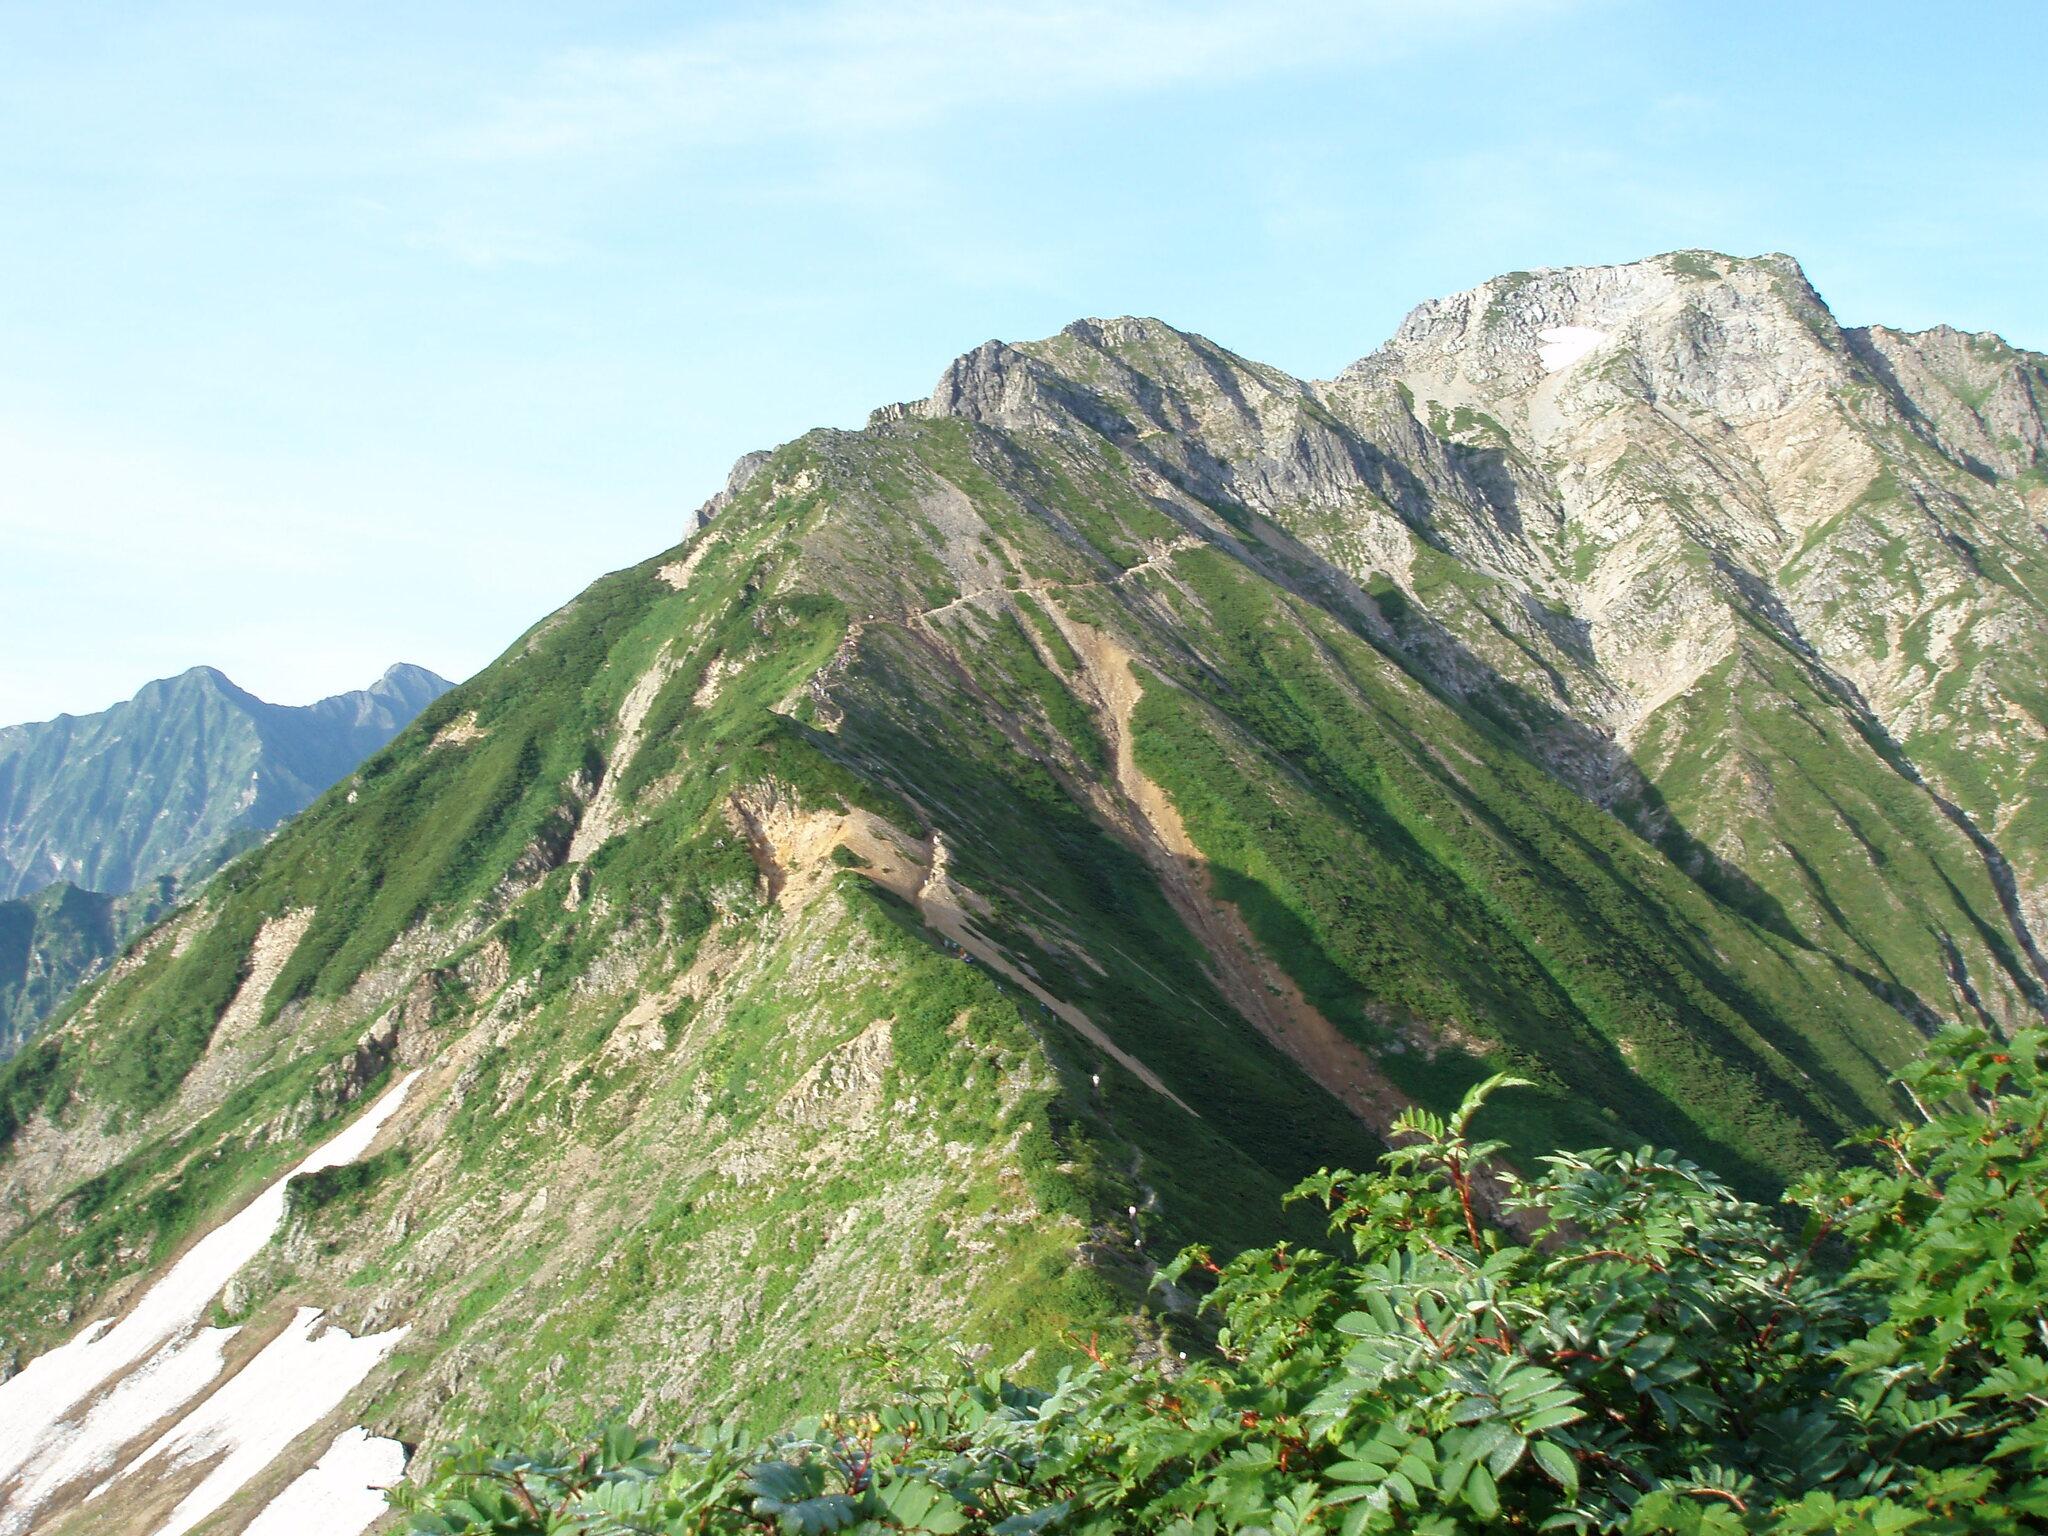 北アルプス屈指の山岳展望と岩稜縦走<br>唐松岳から五竜岳 3日間